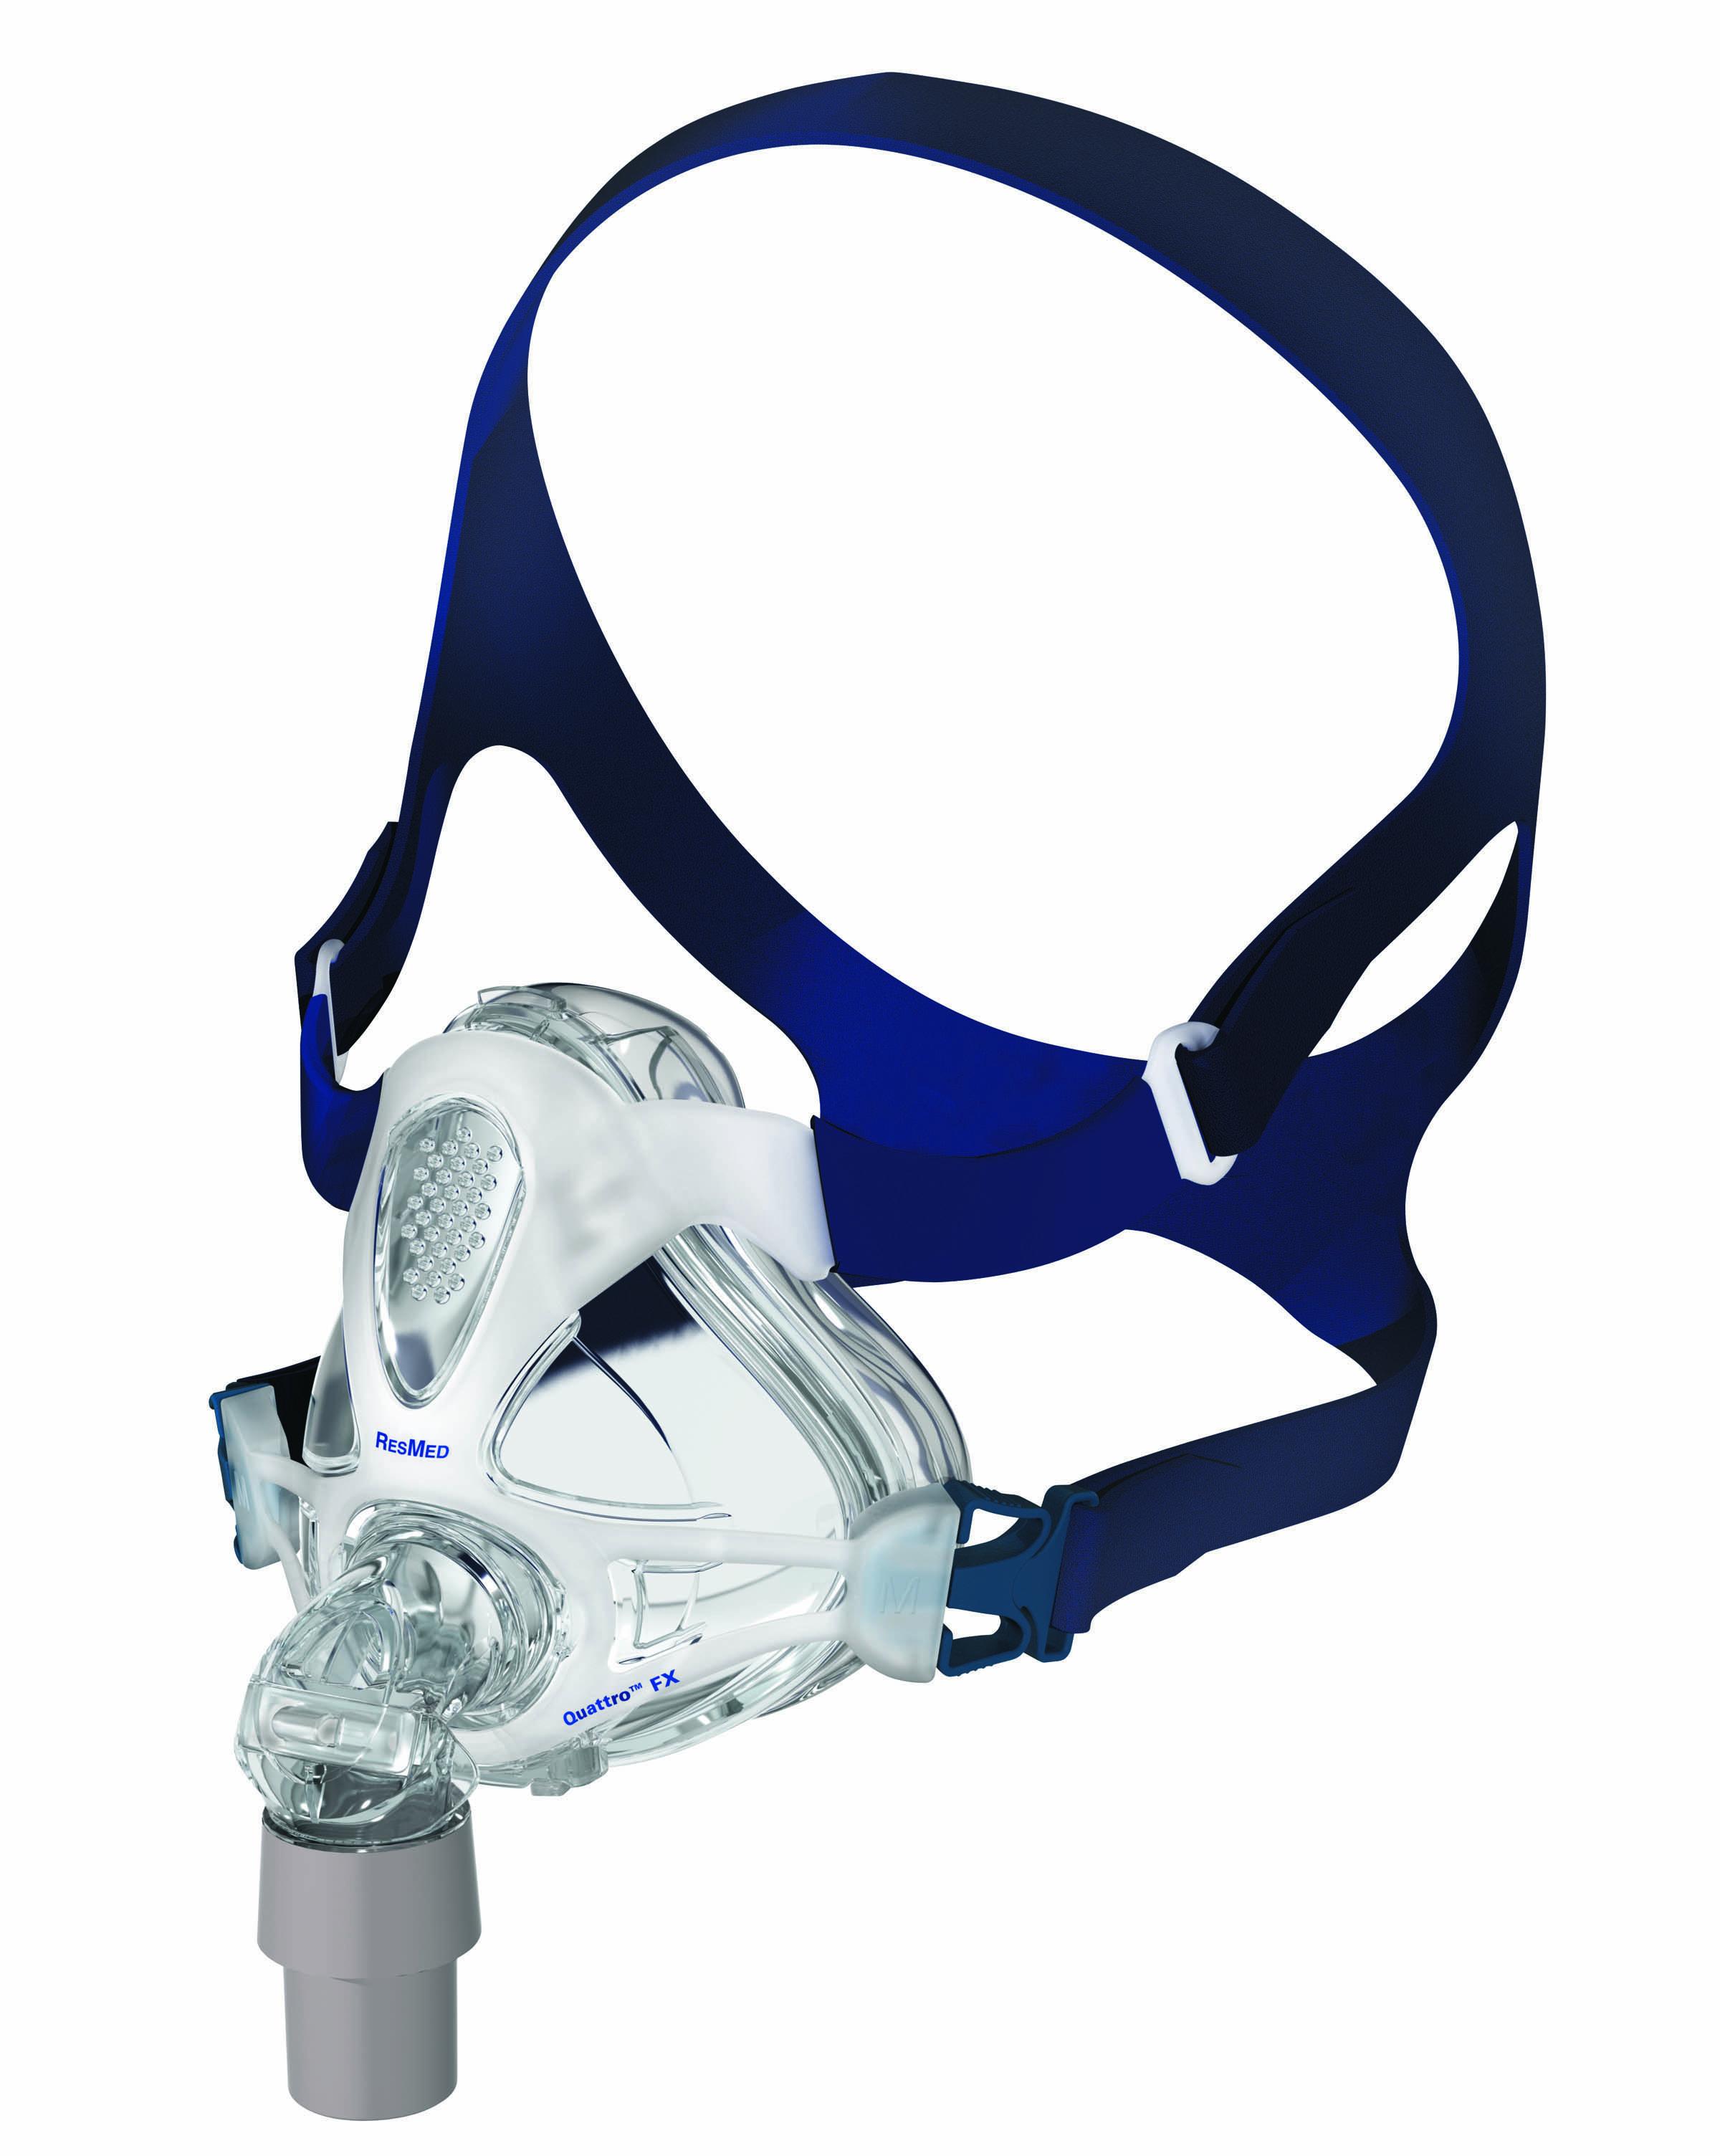 ResMed Quattro FX Full Face Mask